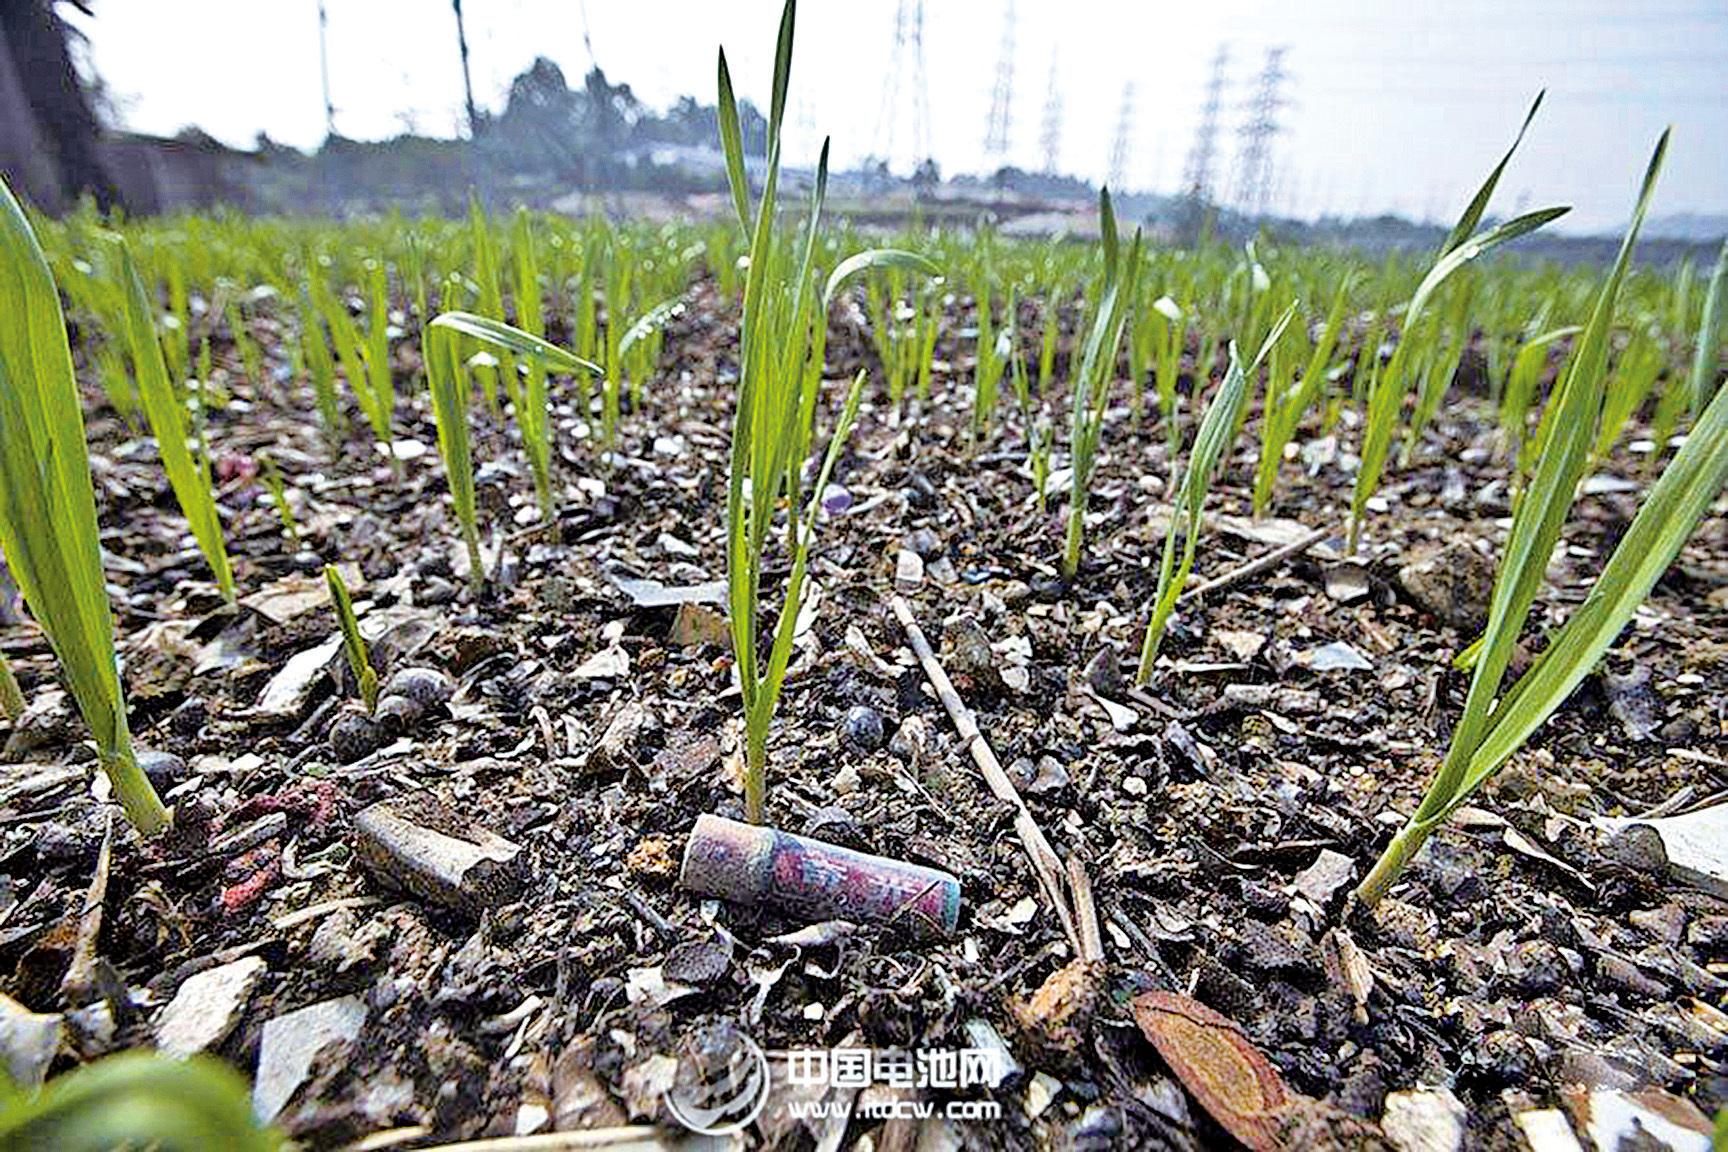 河南新鄉被稱為「中國電池工業之都」,土壤中鎘含量超標,生產的小麥鎘含量超標,事件並不令人意外,僅僅是河南重 金屬污染的冰山一角。( 網絡圖片)